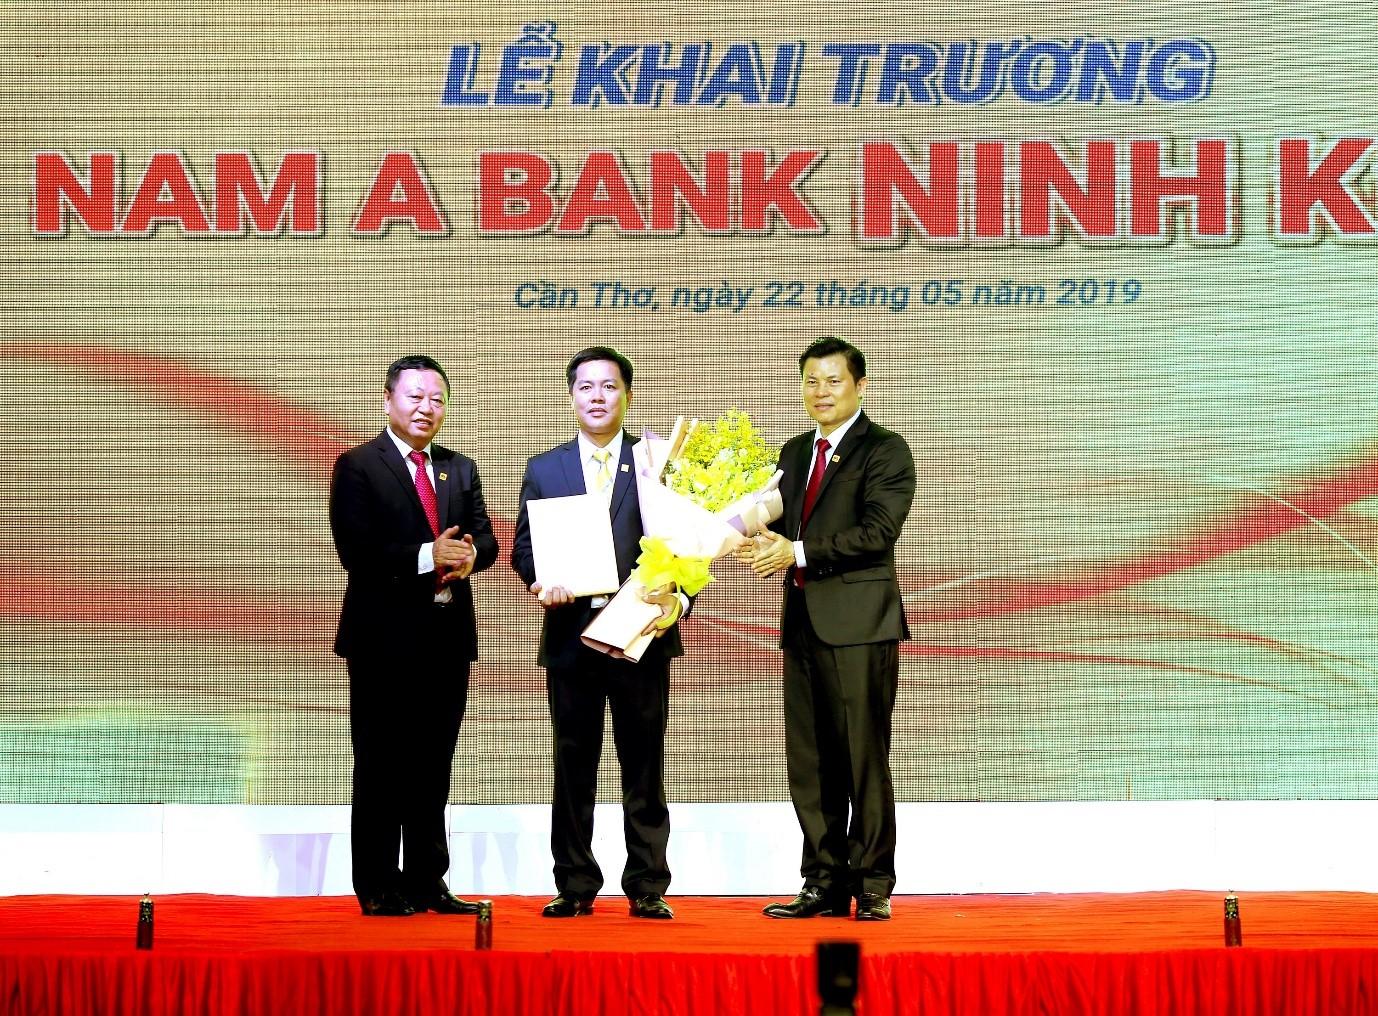 Ông Lê Quang Quảng – Phó Tổng Giám đốc Nam A Bank và Ông Nguyễn Vĩnh Lợi – Giám đốc Nam A Bank khu vực miền Tây & Đông Nam Bộ trao quyết định cho Ông Nguyễn Ngọc Quý – Giám đốc Nam A Bank Ninh Kiều.